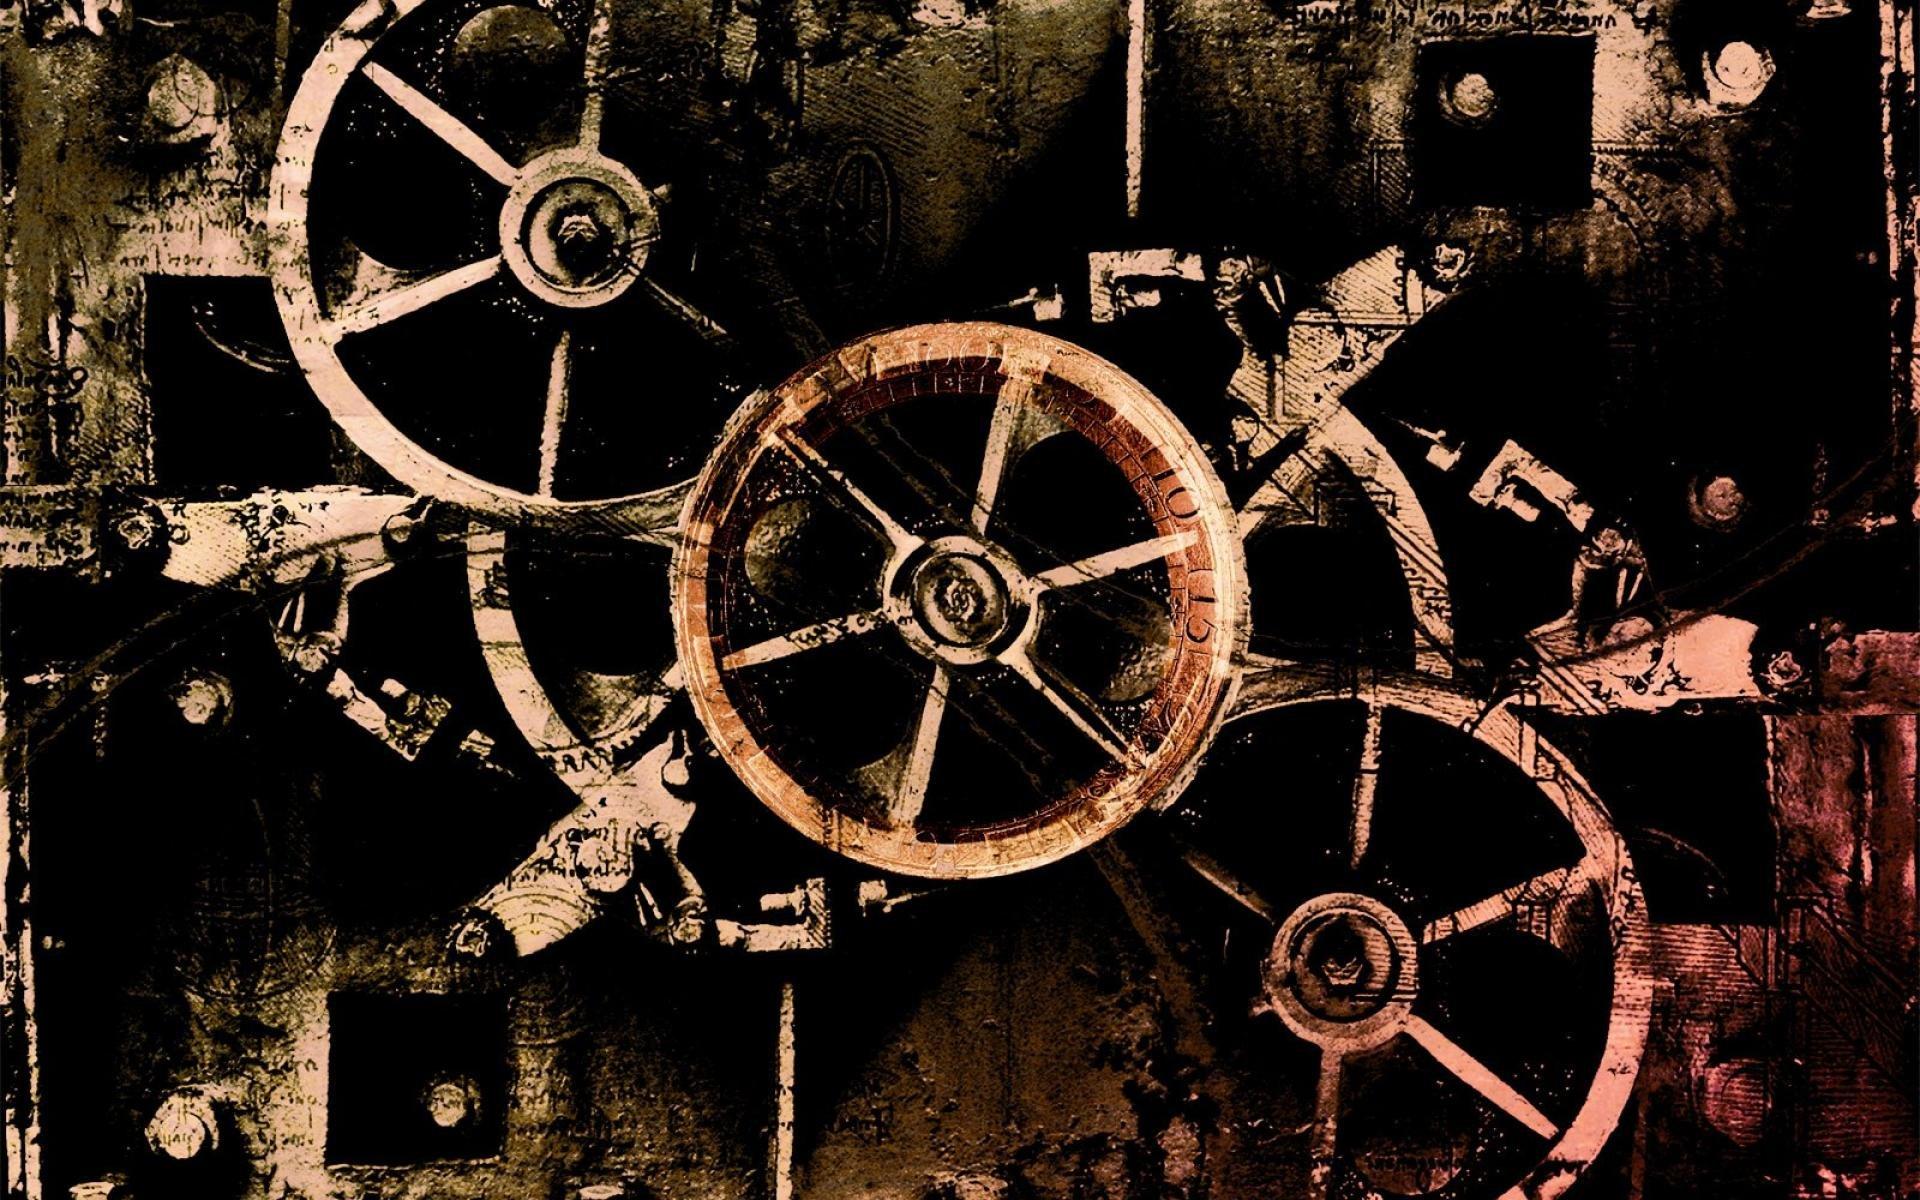 デスクトップ壁紙 19x10 Px 抽象化 エンジニアリング ギヤ 歯車 機械的 機構 金属 Steampunk 鋼 テクニクス 19x10 Wallbase デスクトップ壁紙 Wallhere